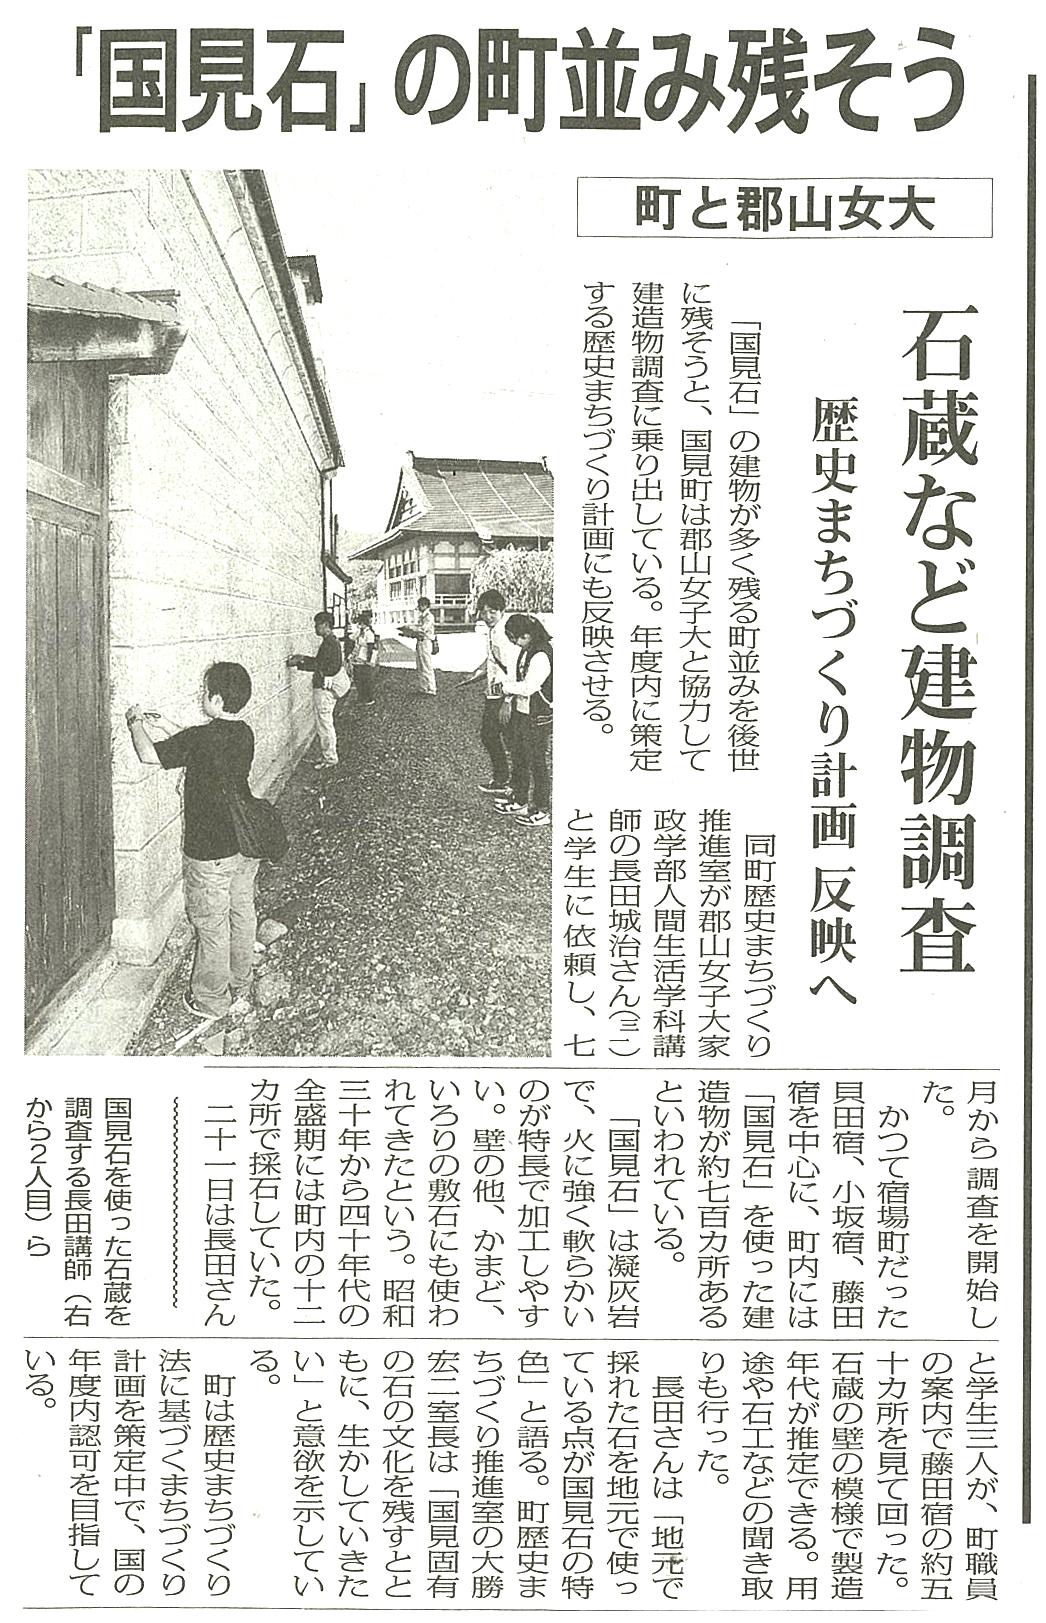 調査の模様は福島民報(9/23福島版)に掲載